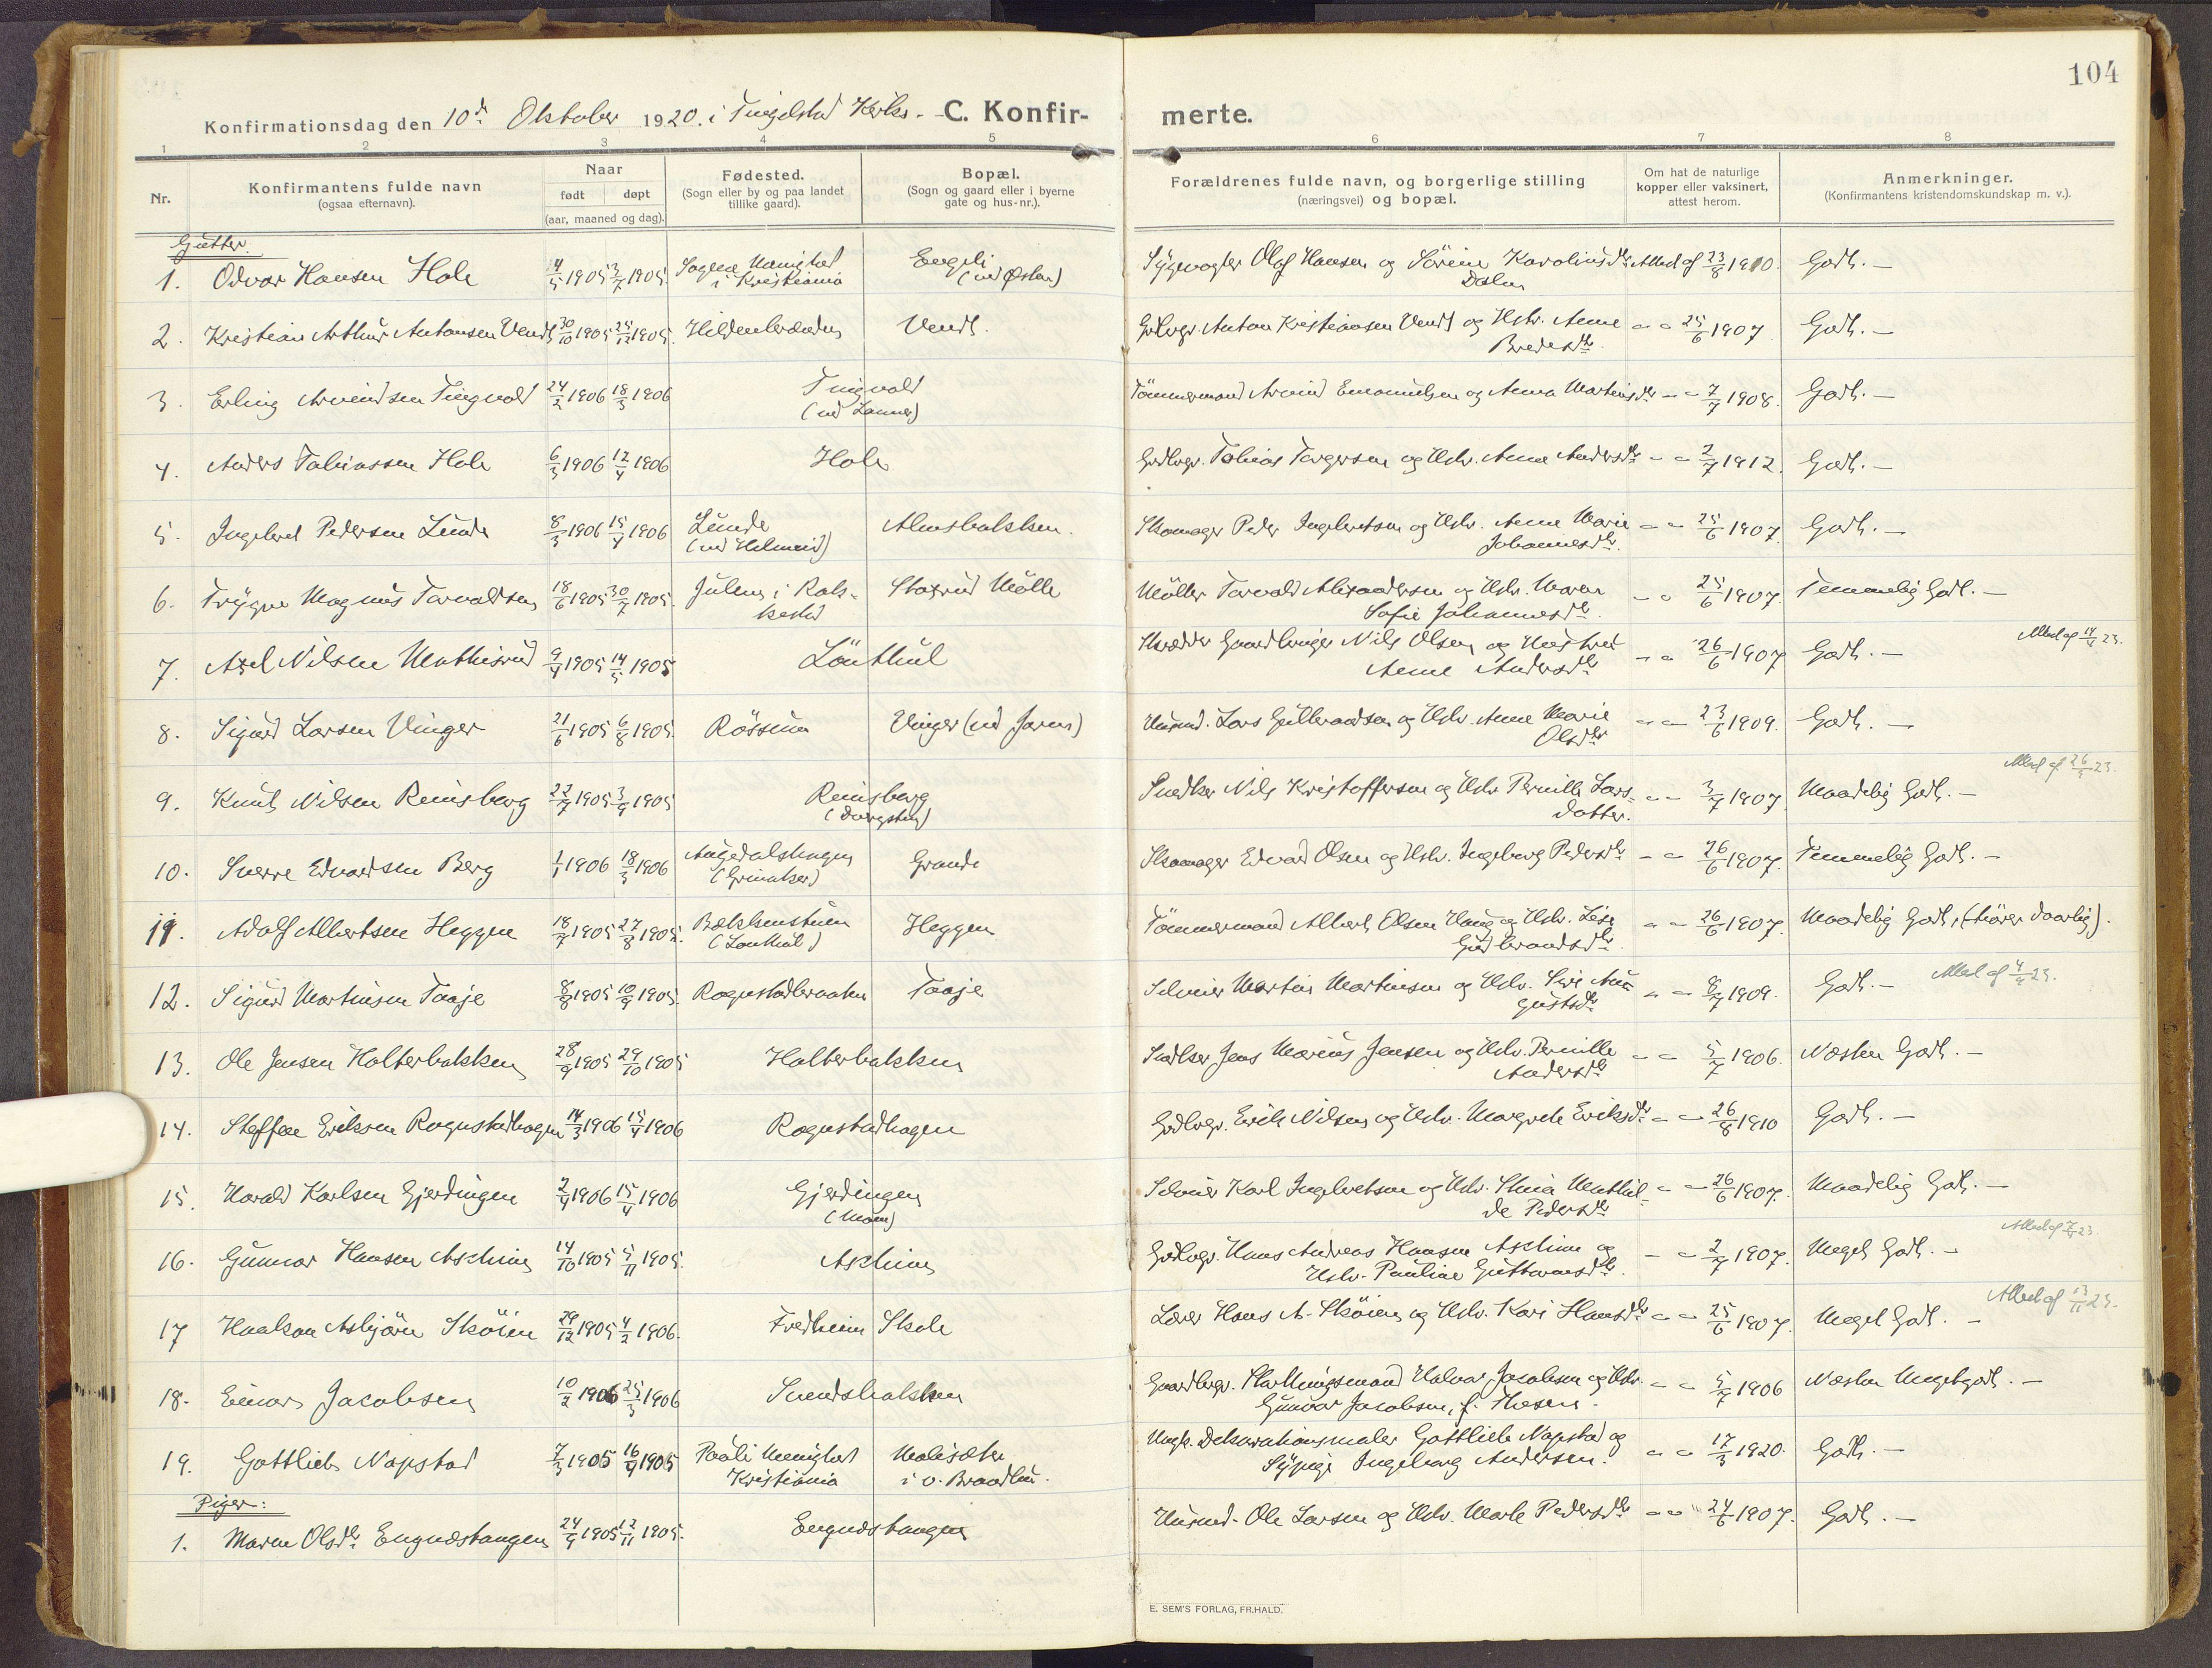 SAH, Brandbu prestekontor, Ministerialbok nr. 3, 1914-1928, s. 104